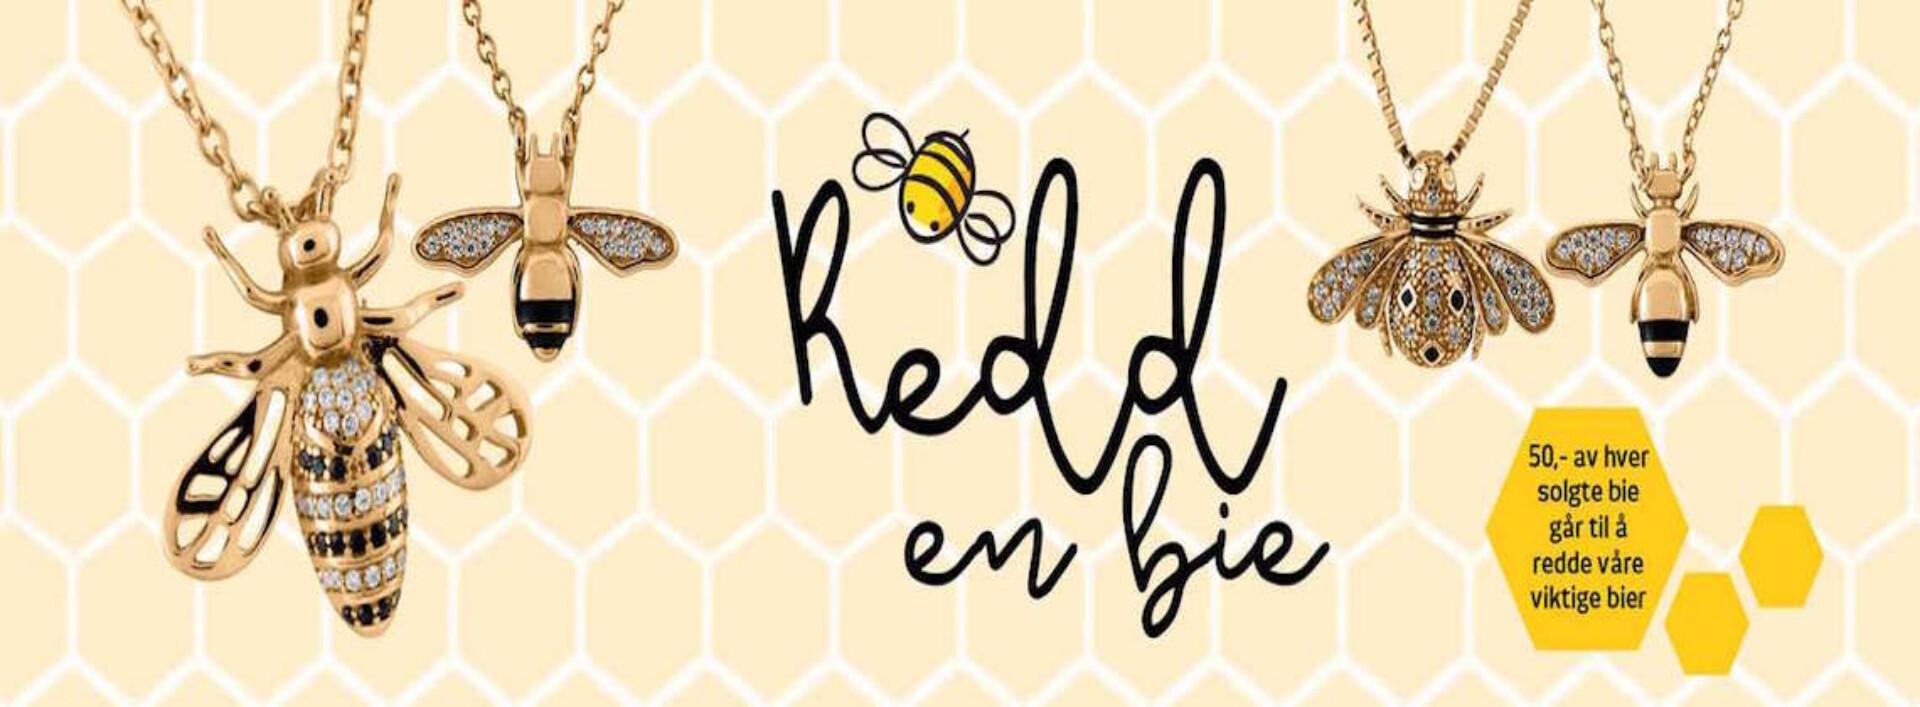 Redd en Bie #reddenbie